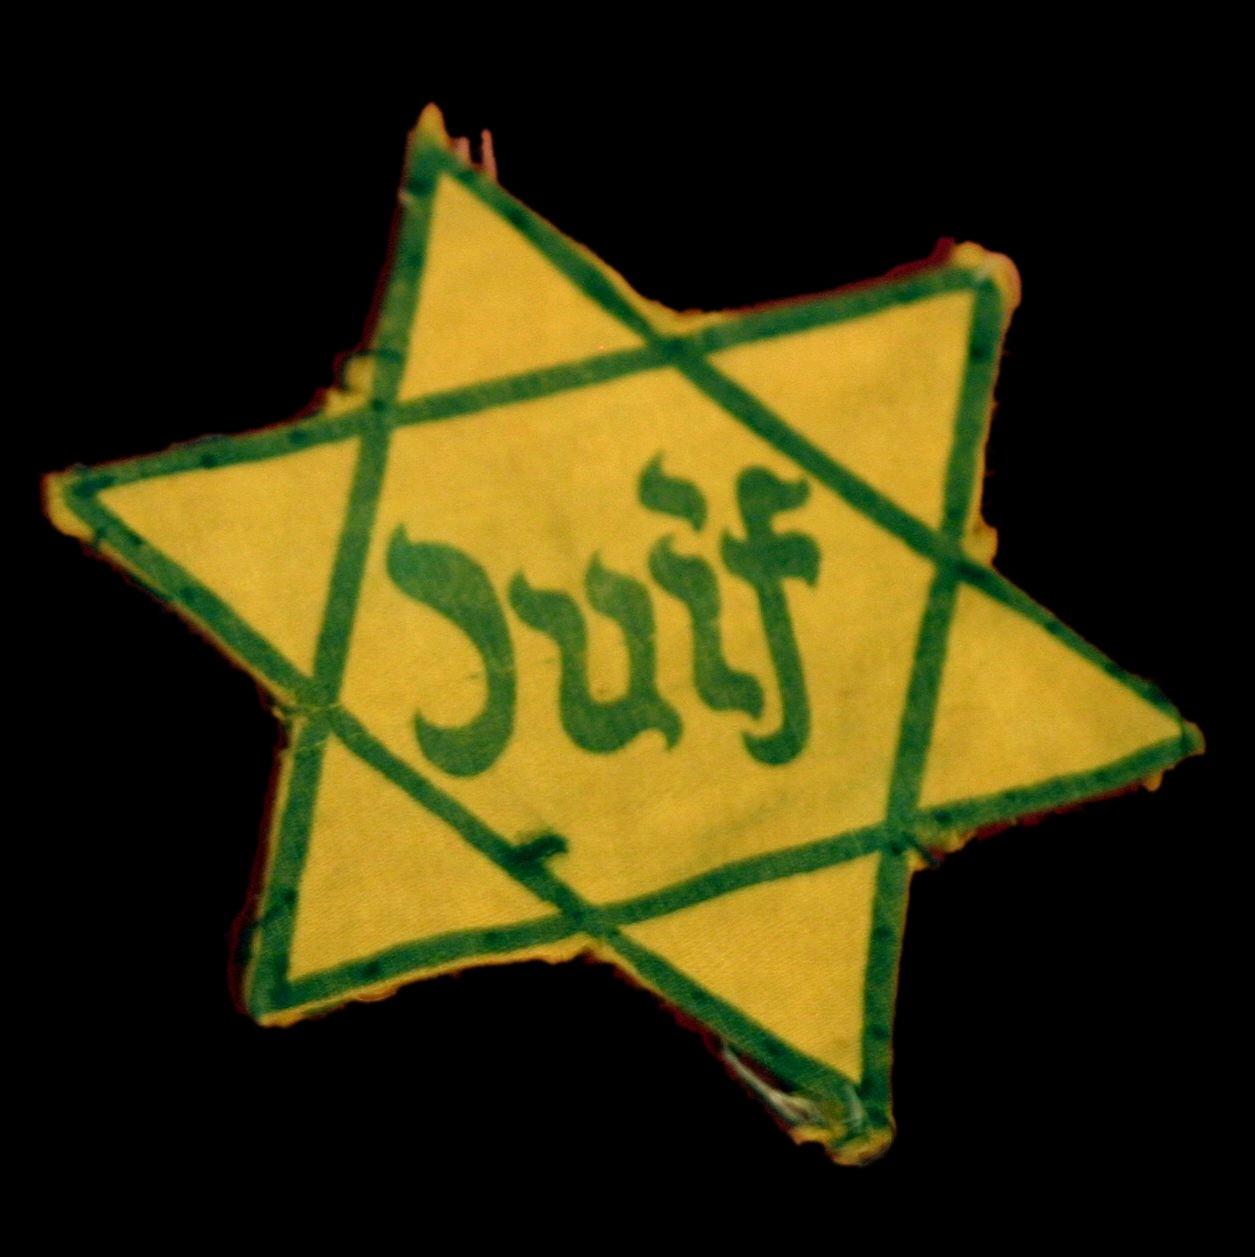 Estrella de David.